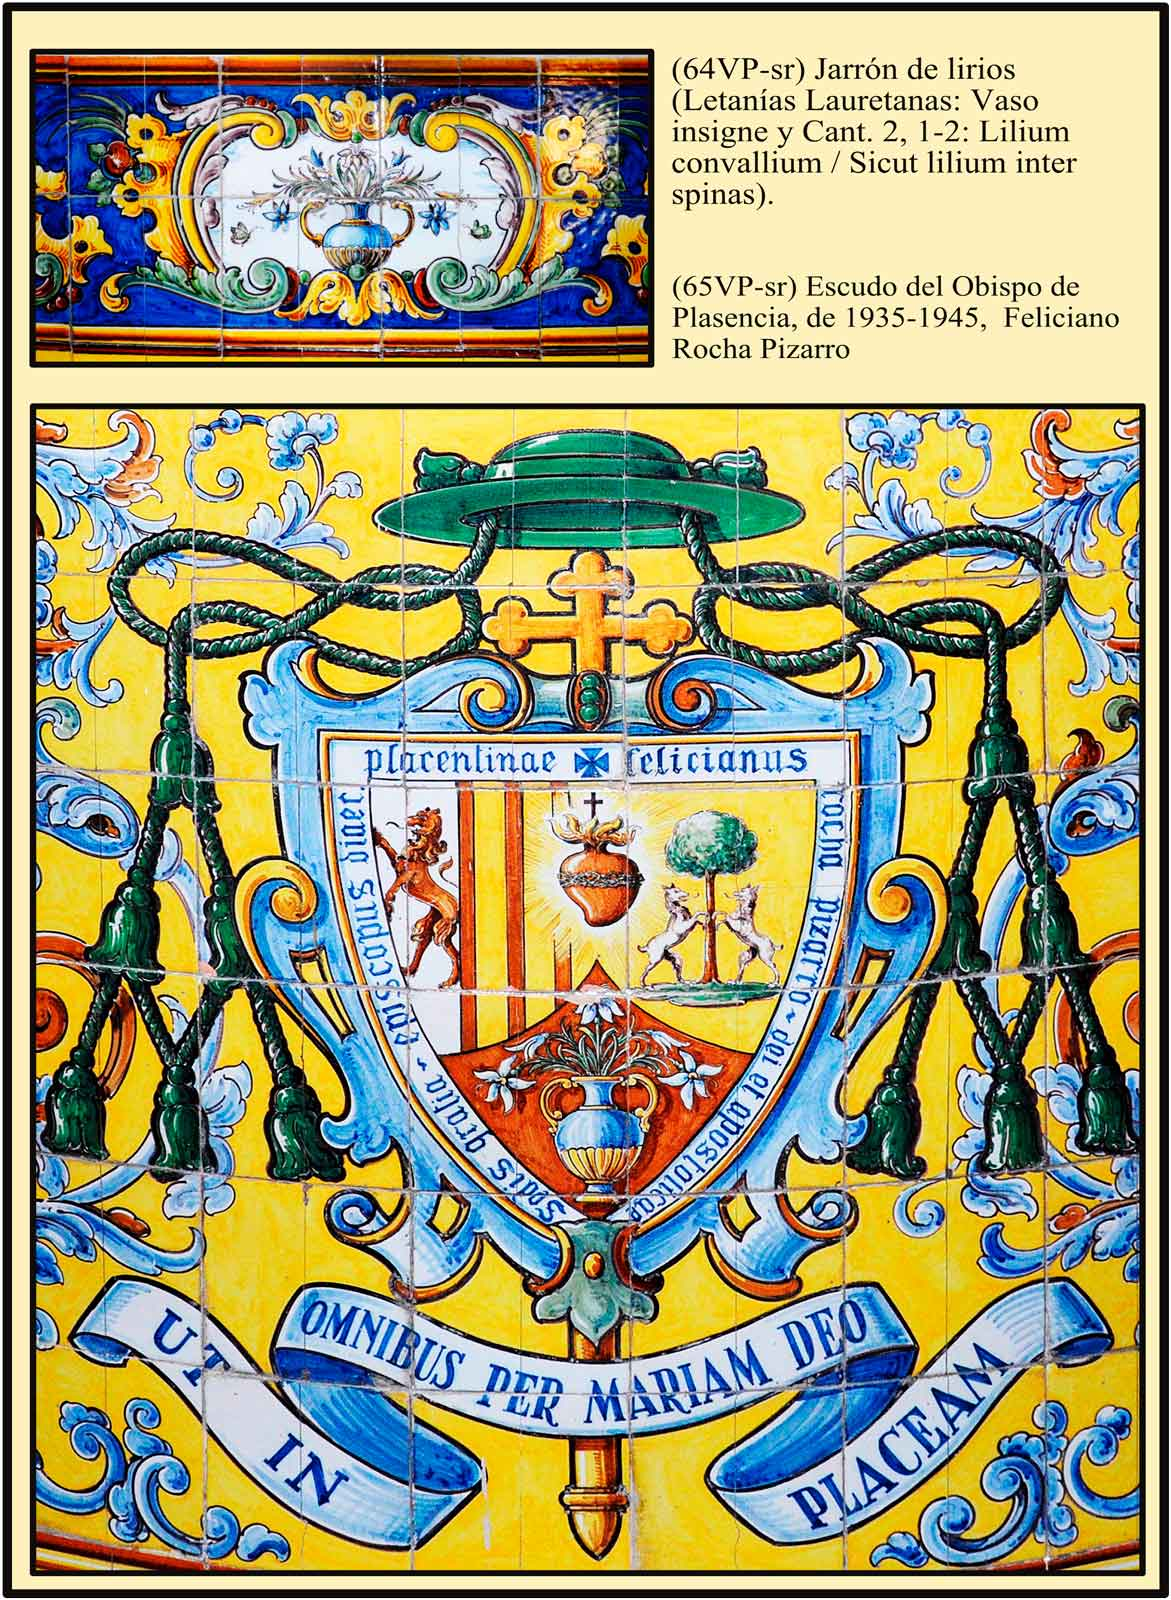 Heraldica eclesiastica y mariana. Escudo del obispo Rocha